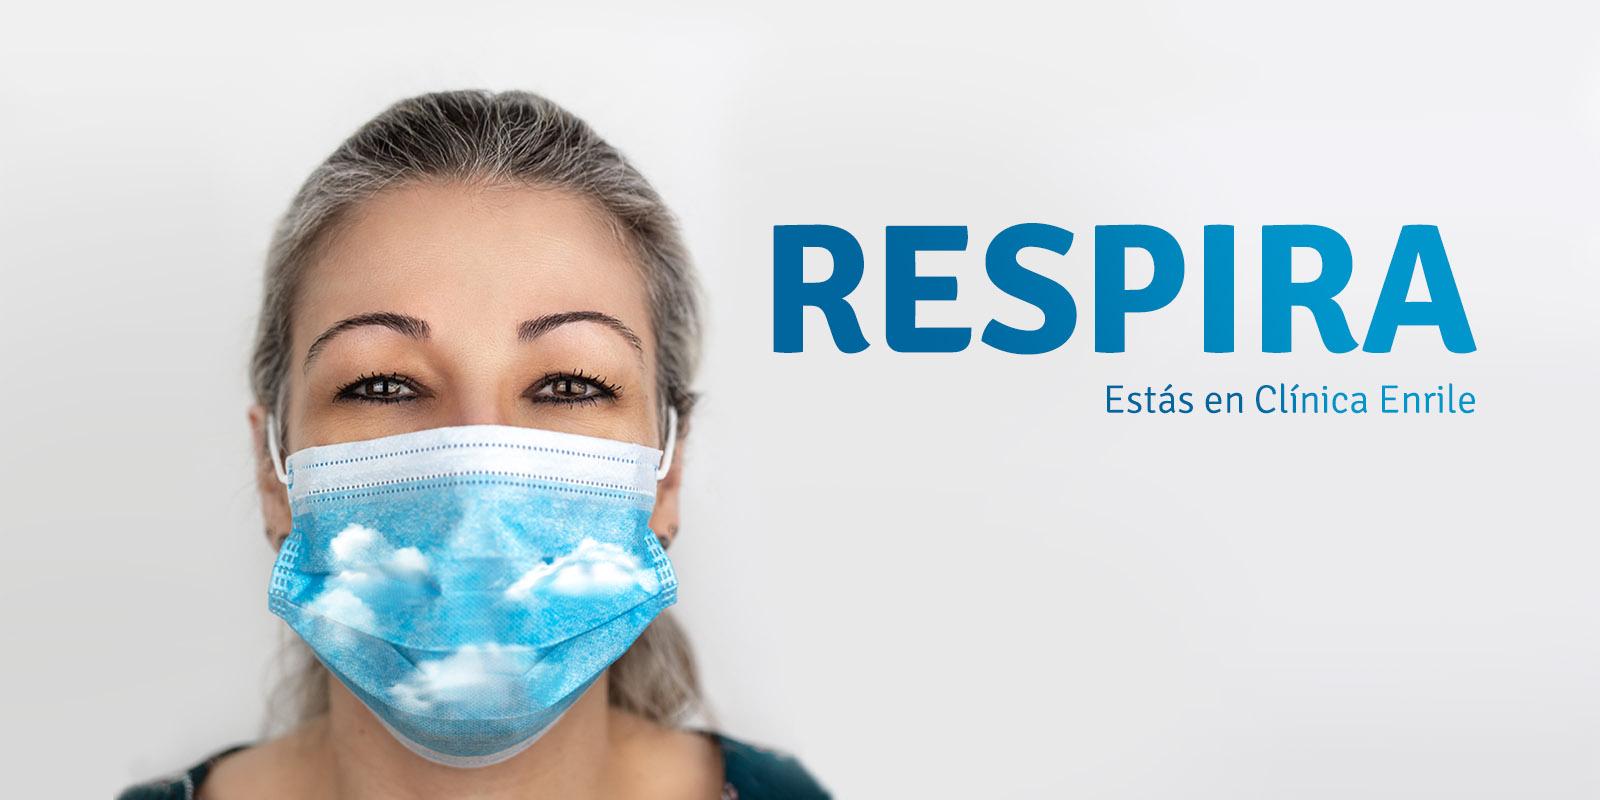 Respira. Estás en Clínica Enrile